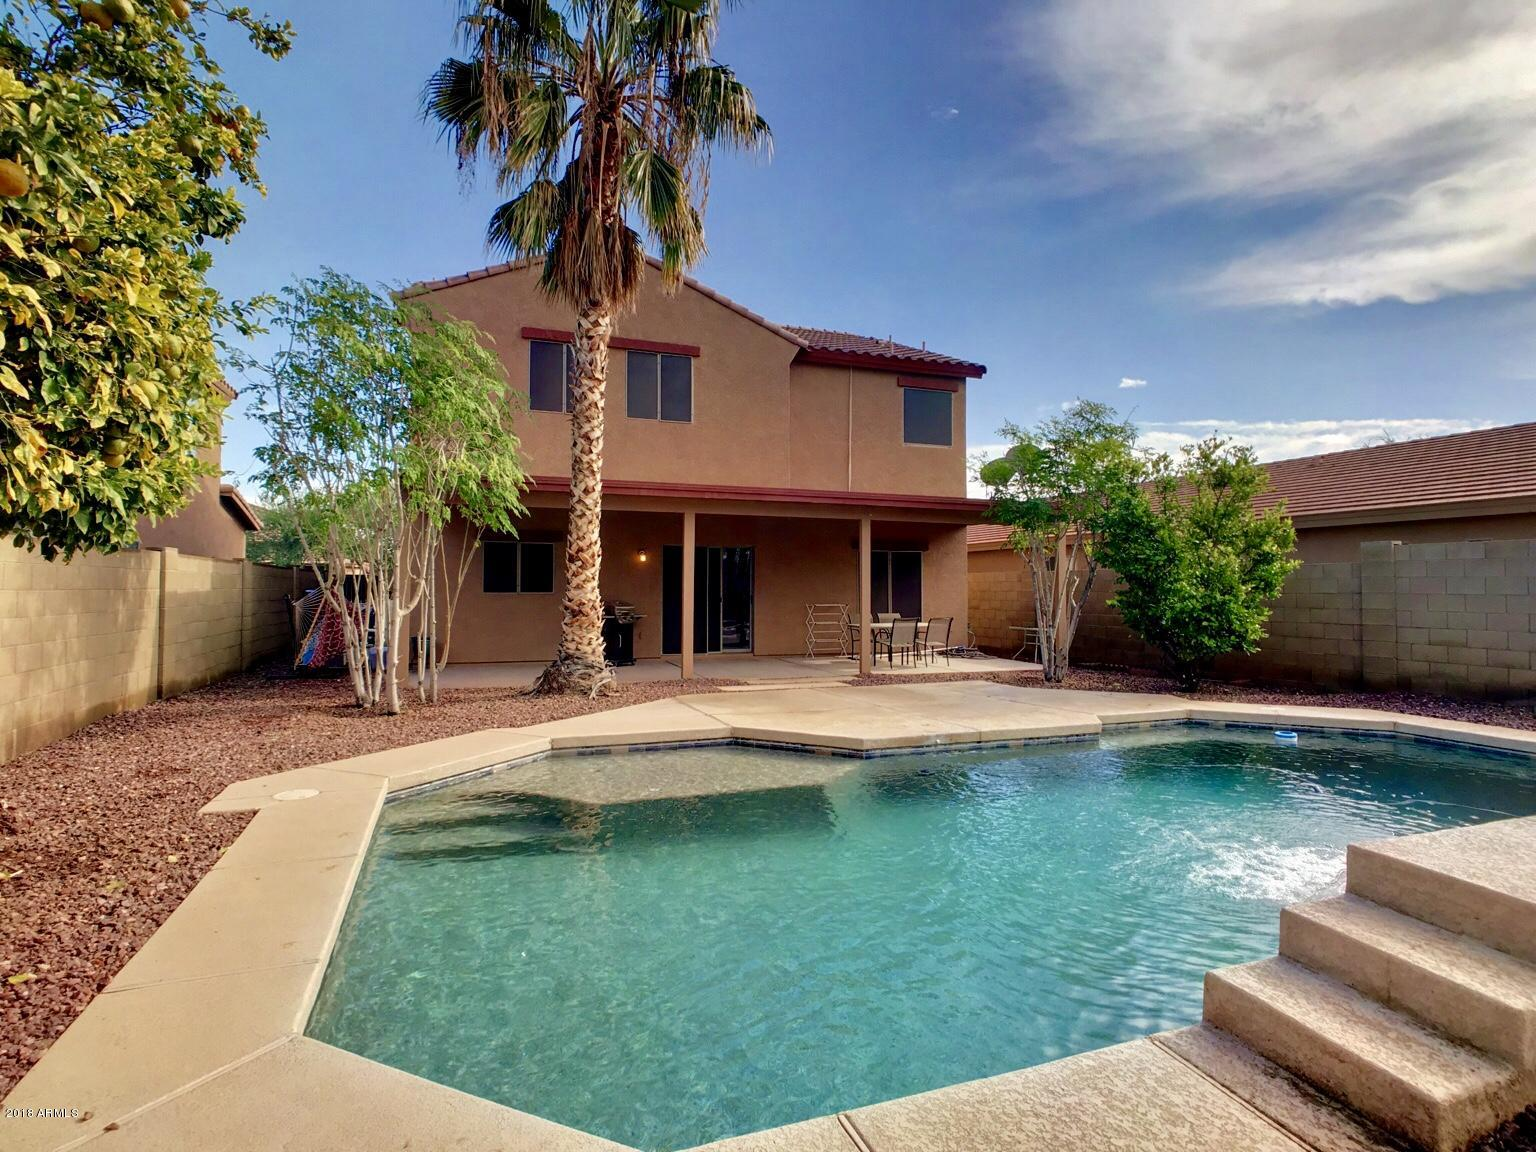 MLS 5855340 1414 S 118TH Drive, Avondale, AZ 85323 Avondale AZ Coldwater Ridge